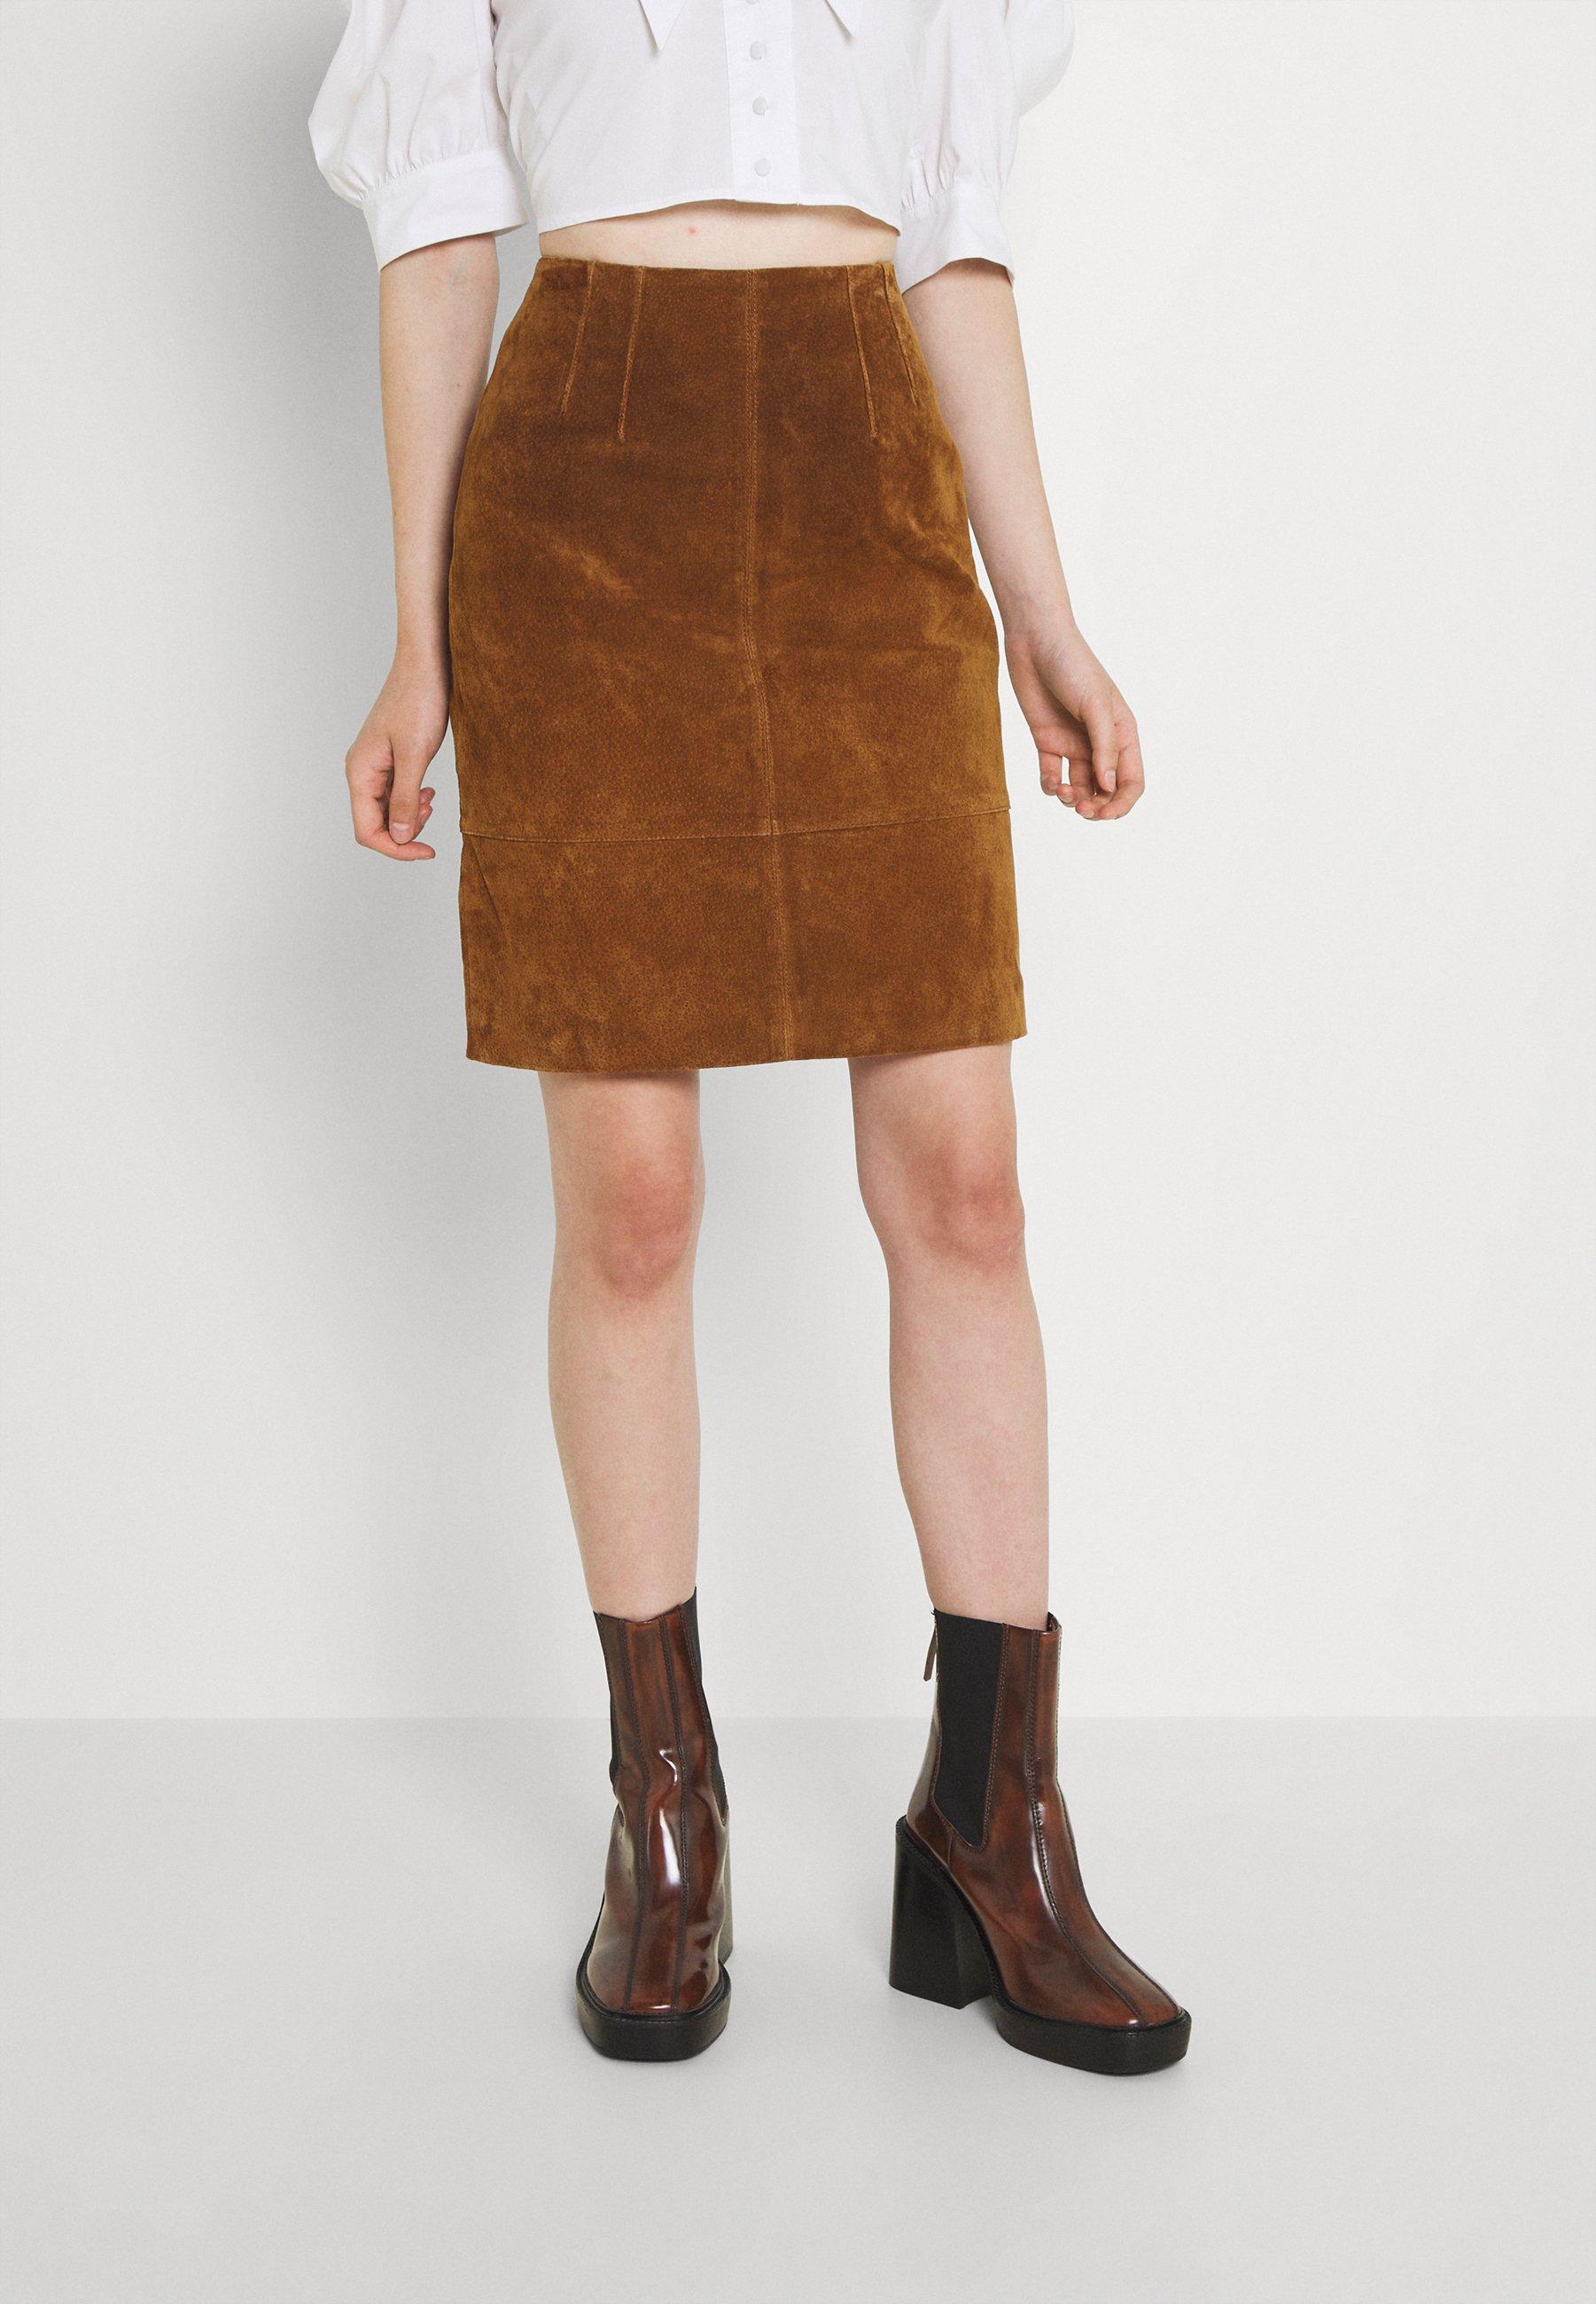 Femme VIFAITH NEW SKIRT - Jupe en cuir